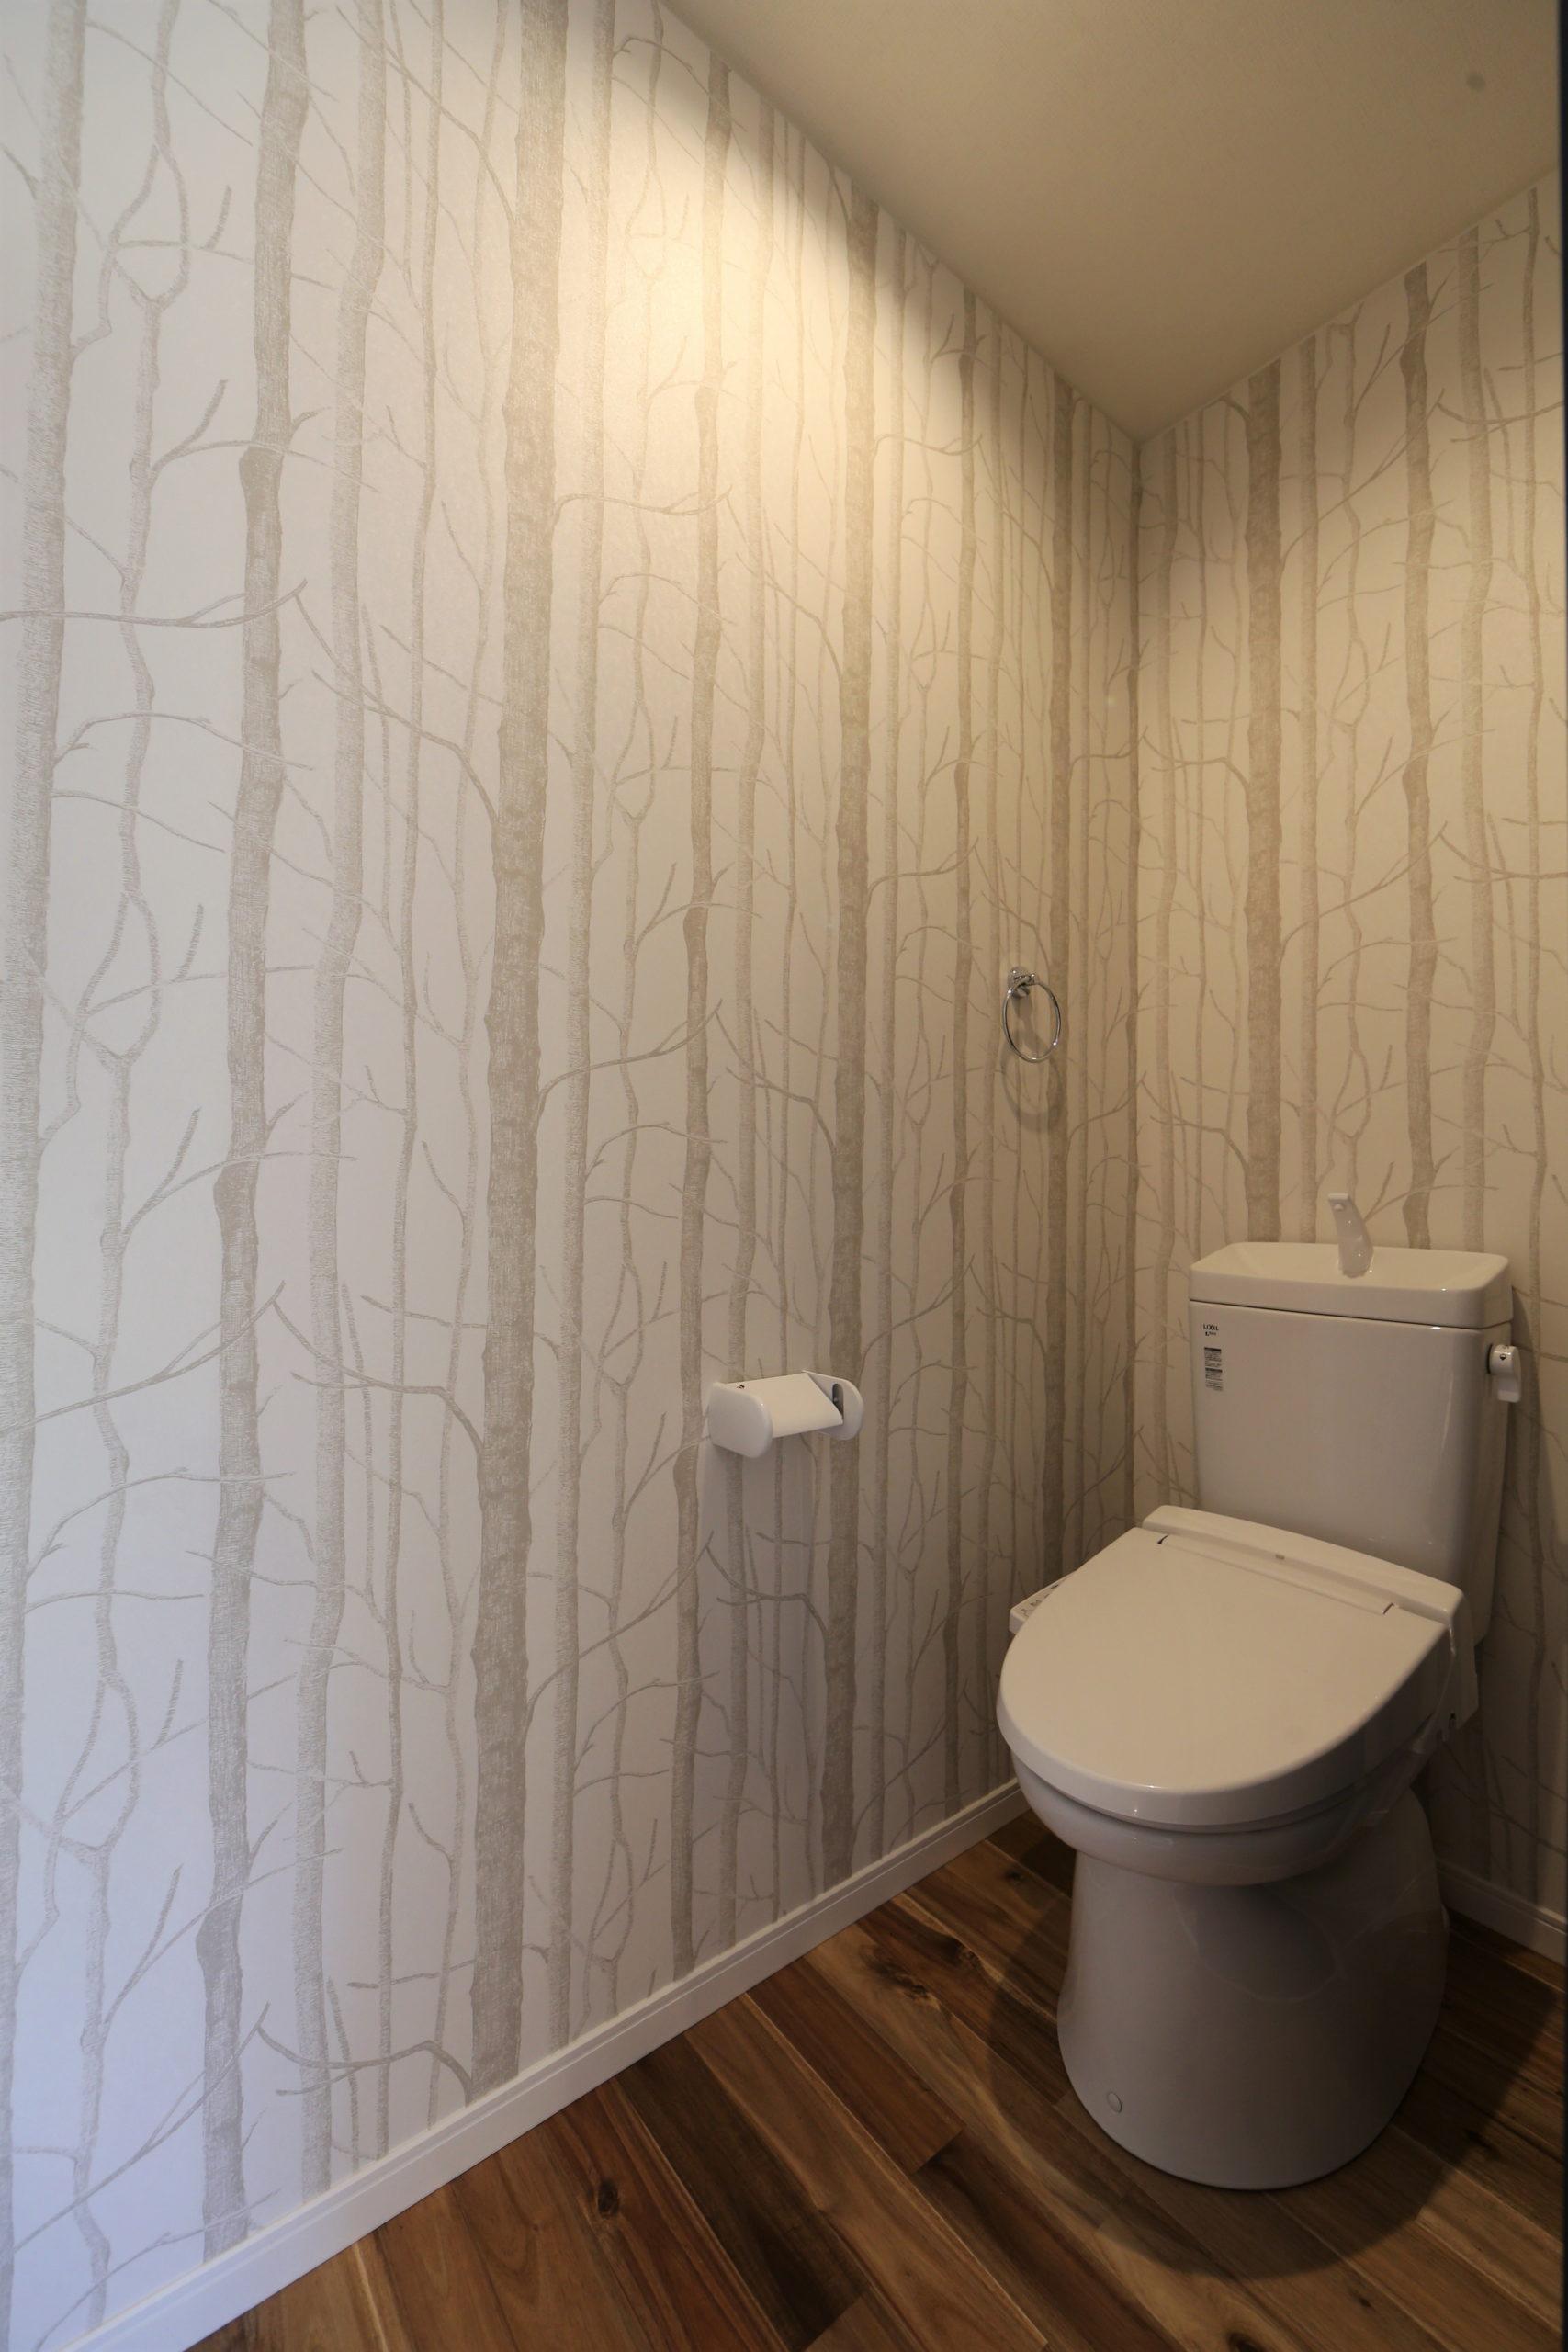 福山市の注文住宅|今井住建の施工事例ギャラリー「壁紙で空間を分けてみては」